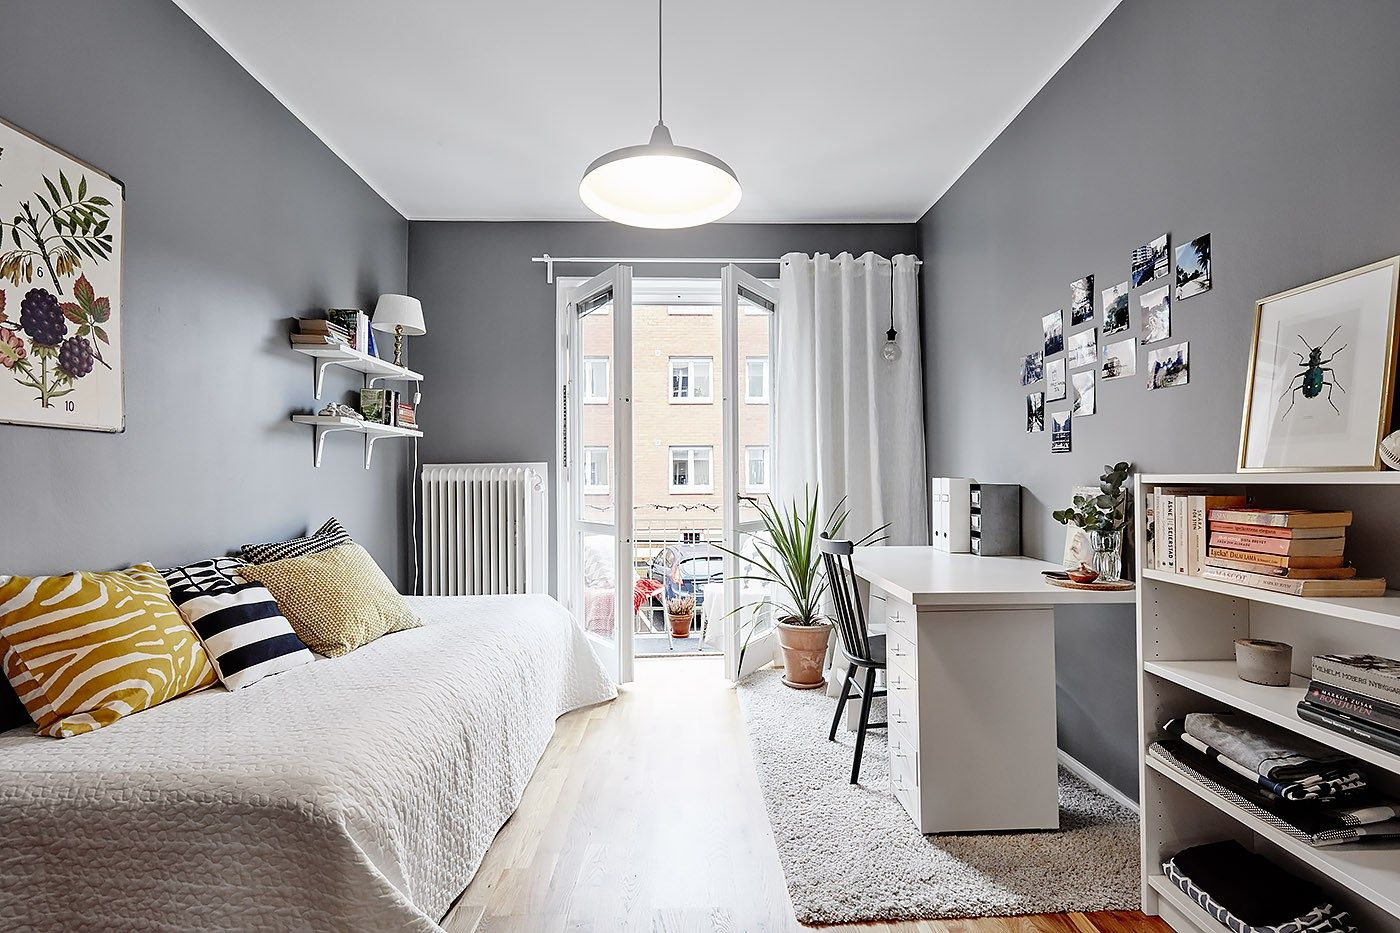 Habitaciones juveniles de estilo n rdico decoracion - Decoracion habitacion juvenil ...